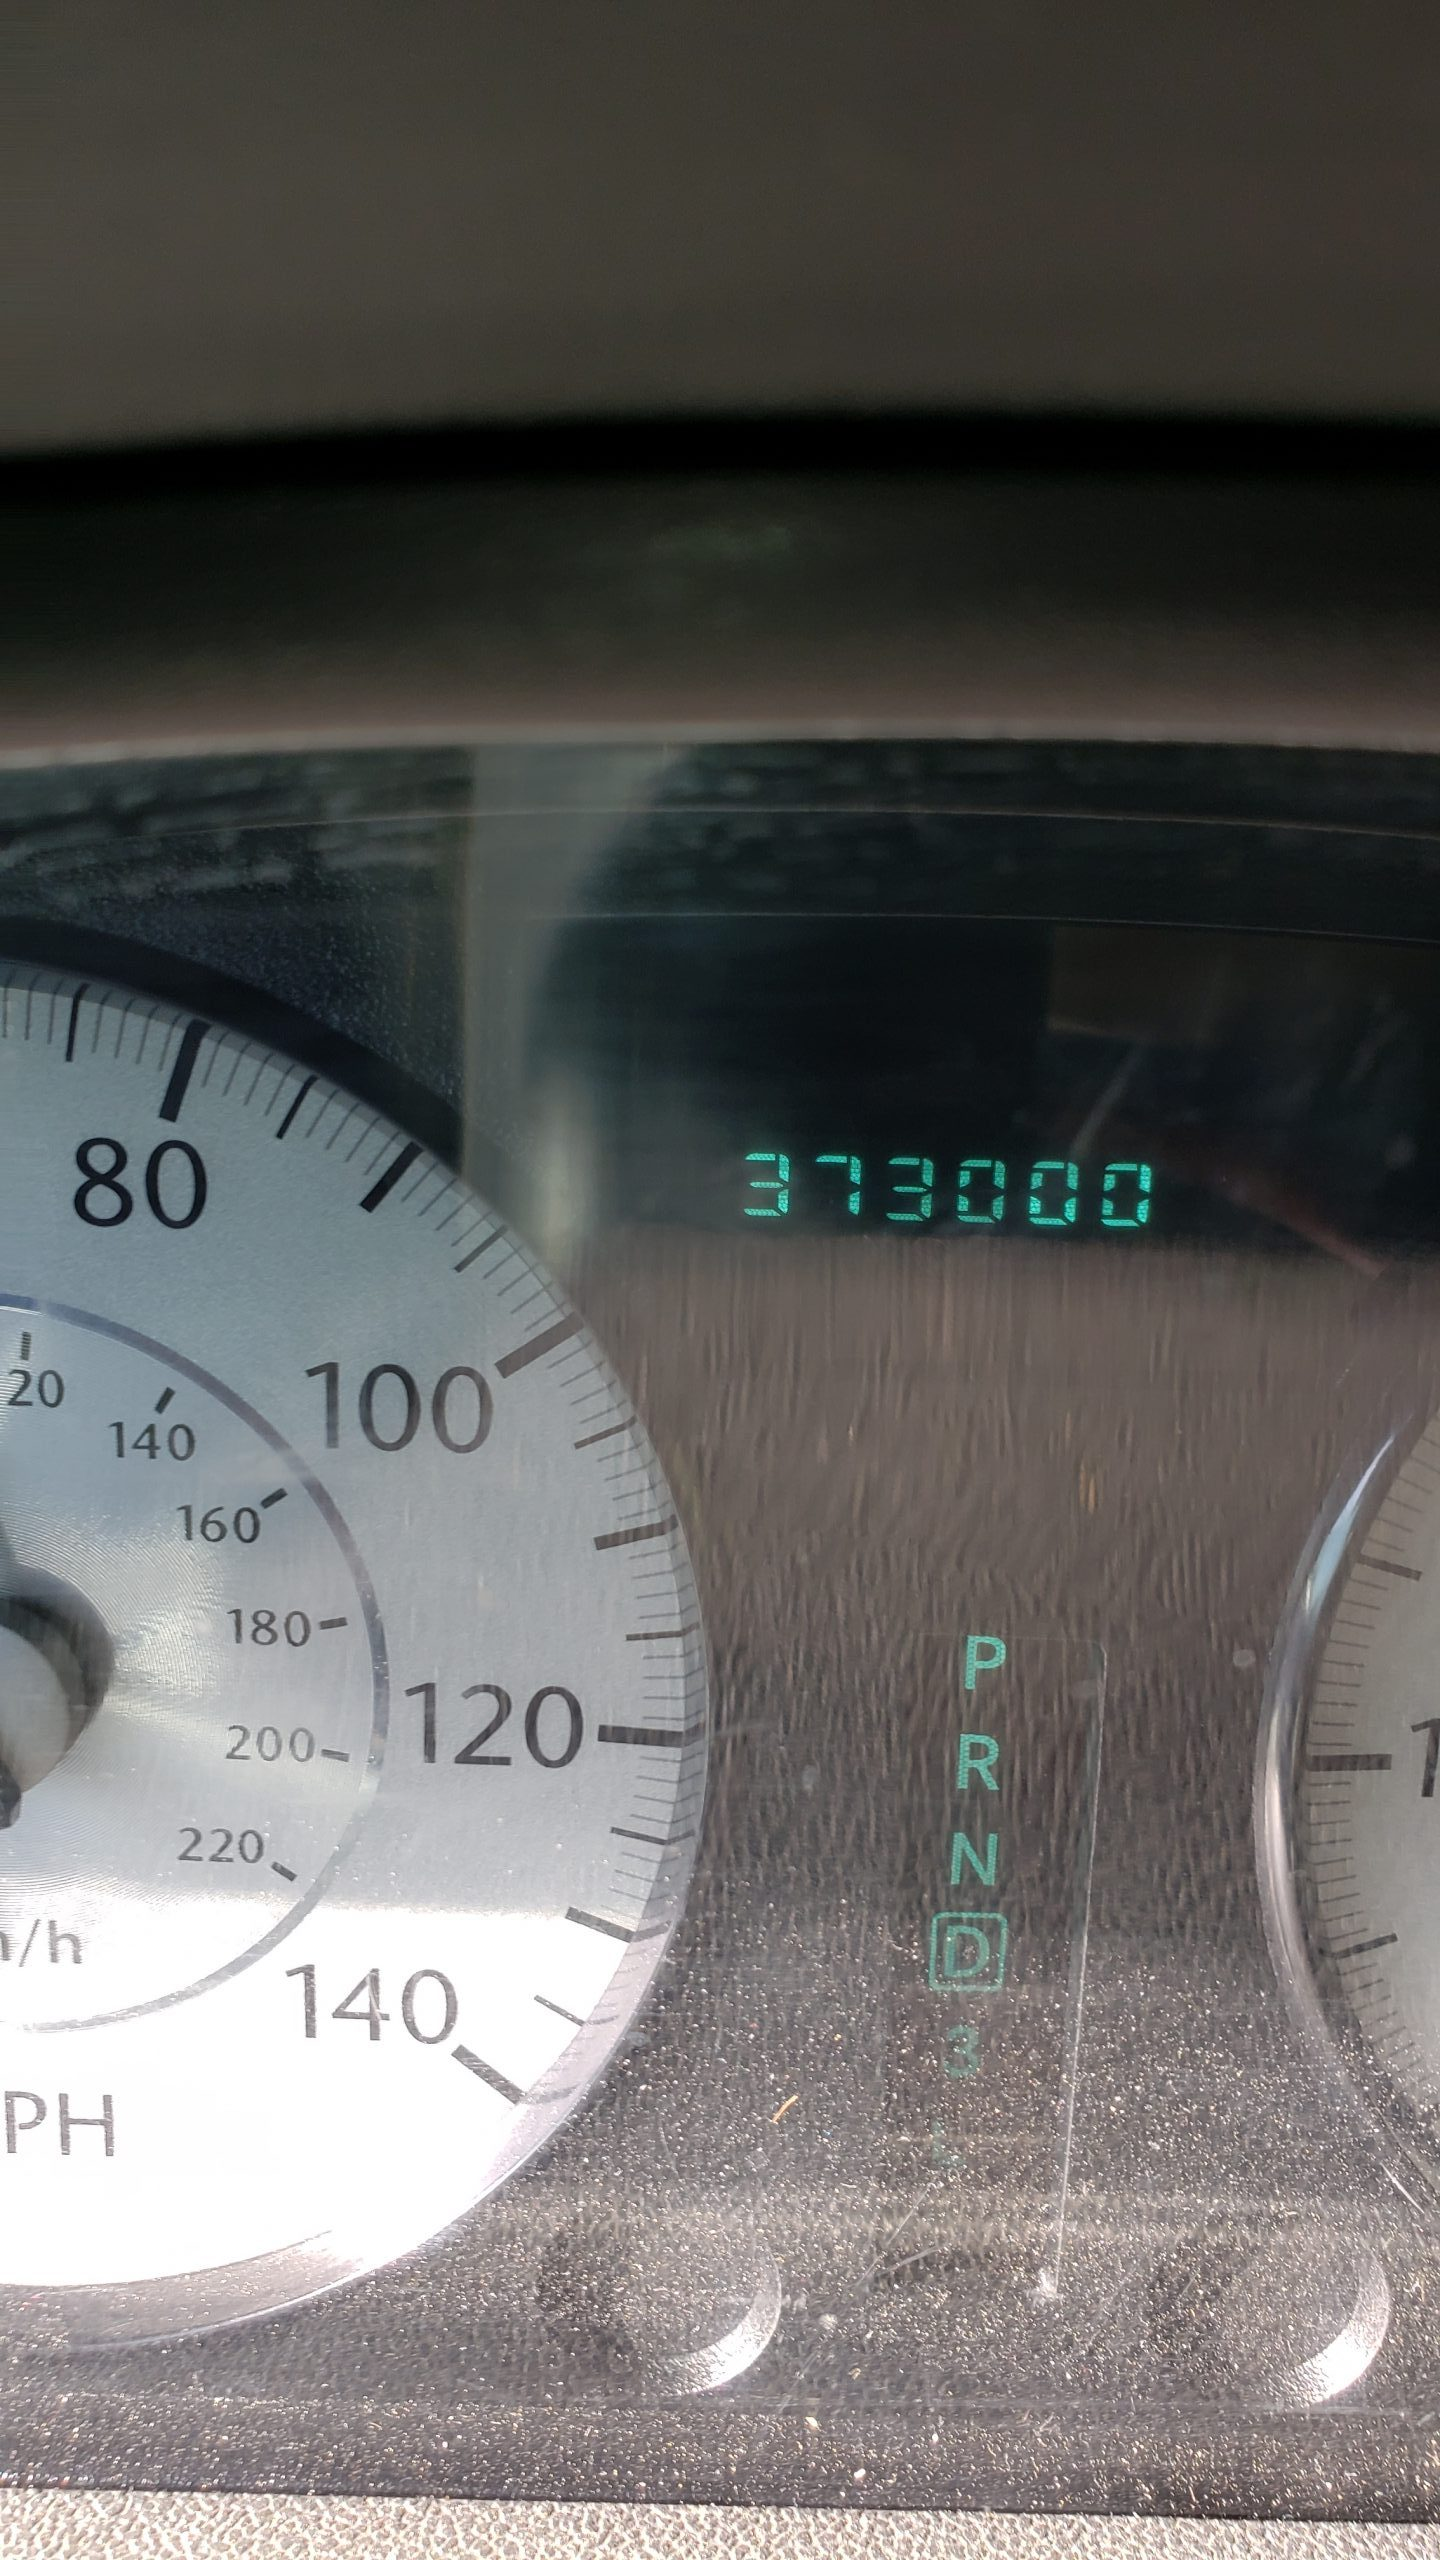 2008 Chrysler 300 373,000 Miles